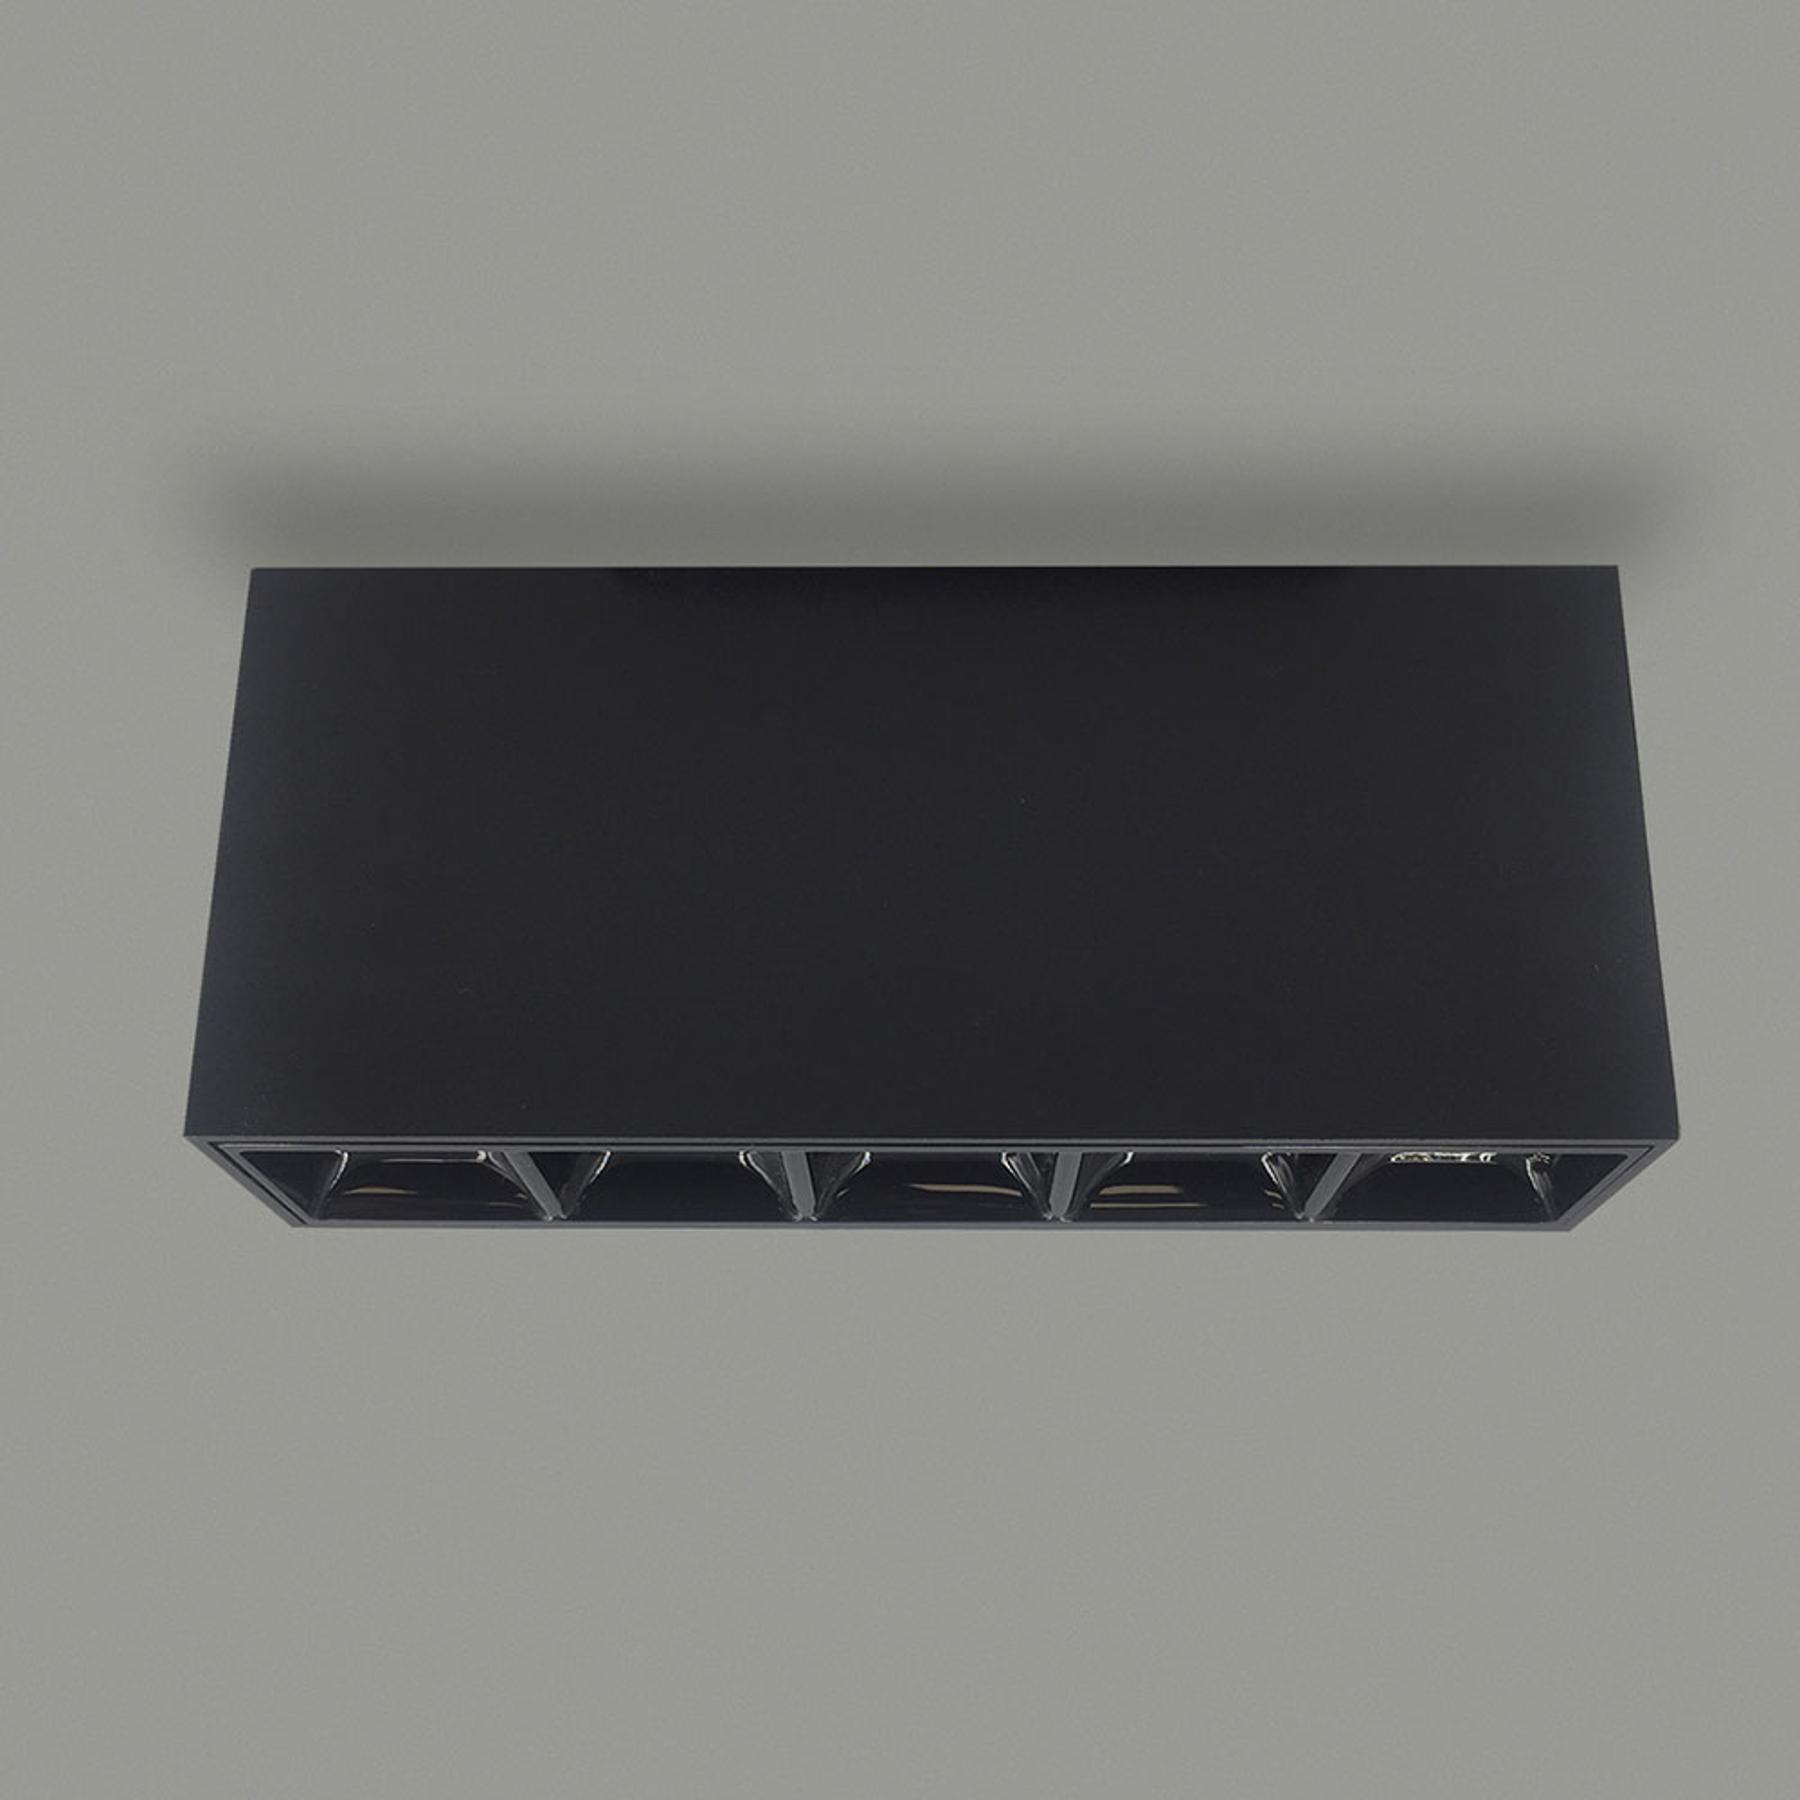 Lampa sufitowa LED Tango, długość 13,7 cm